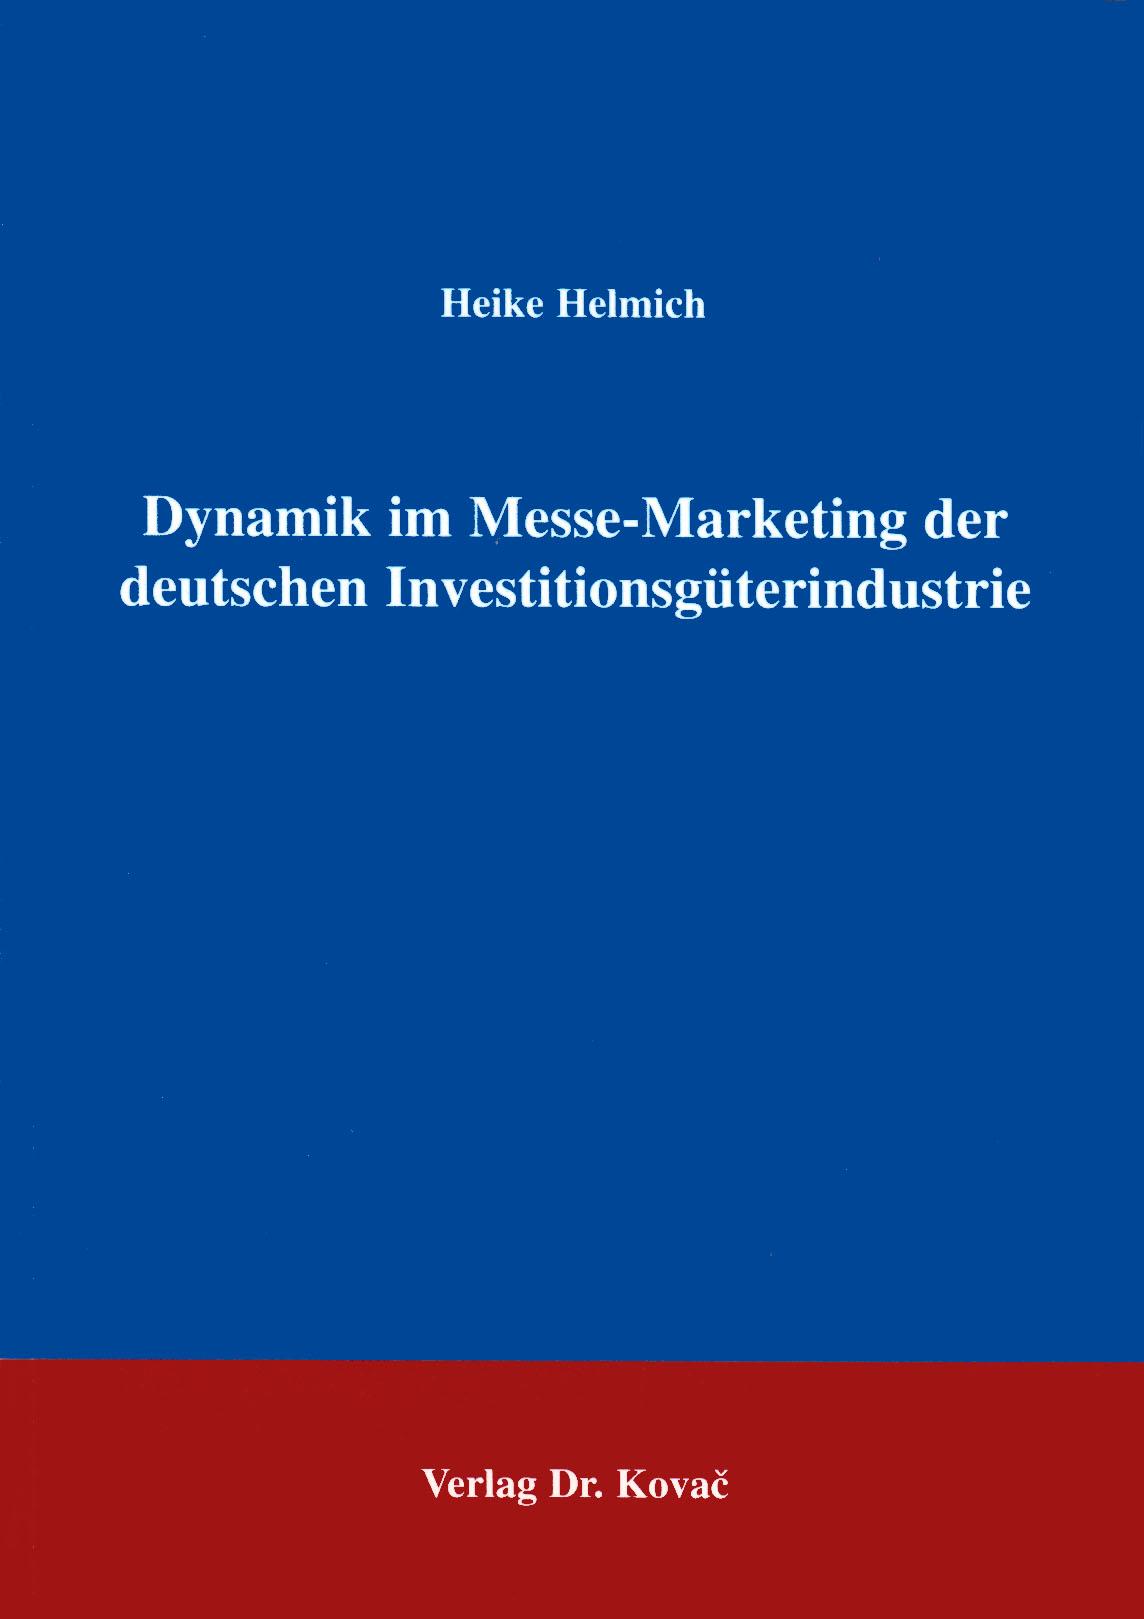 Cover: Dynamik um Messe-Marketing der deutschen Investitionsgüterindustrie